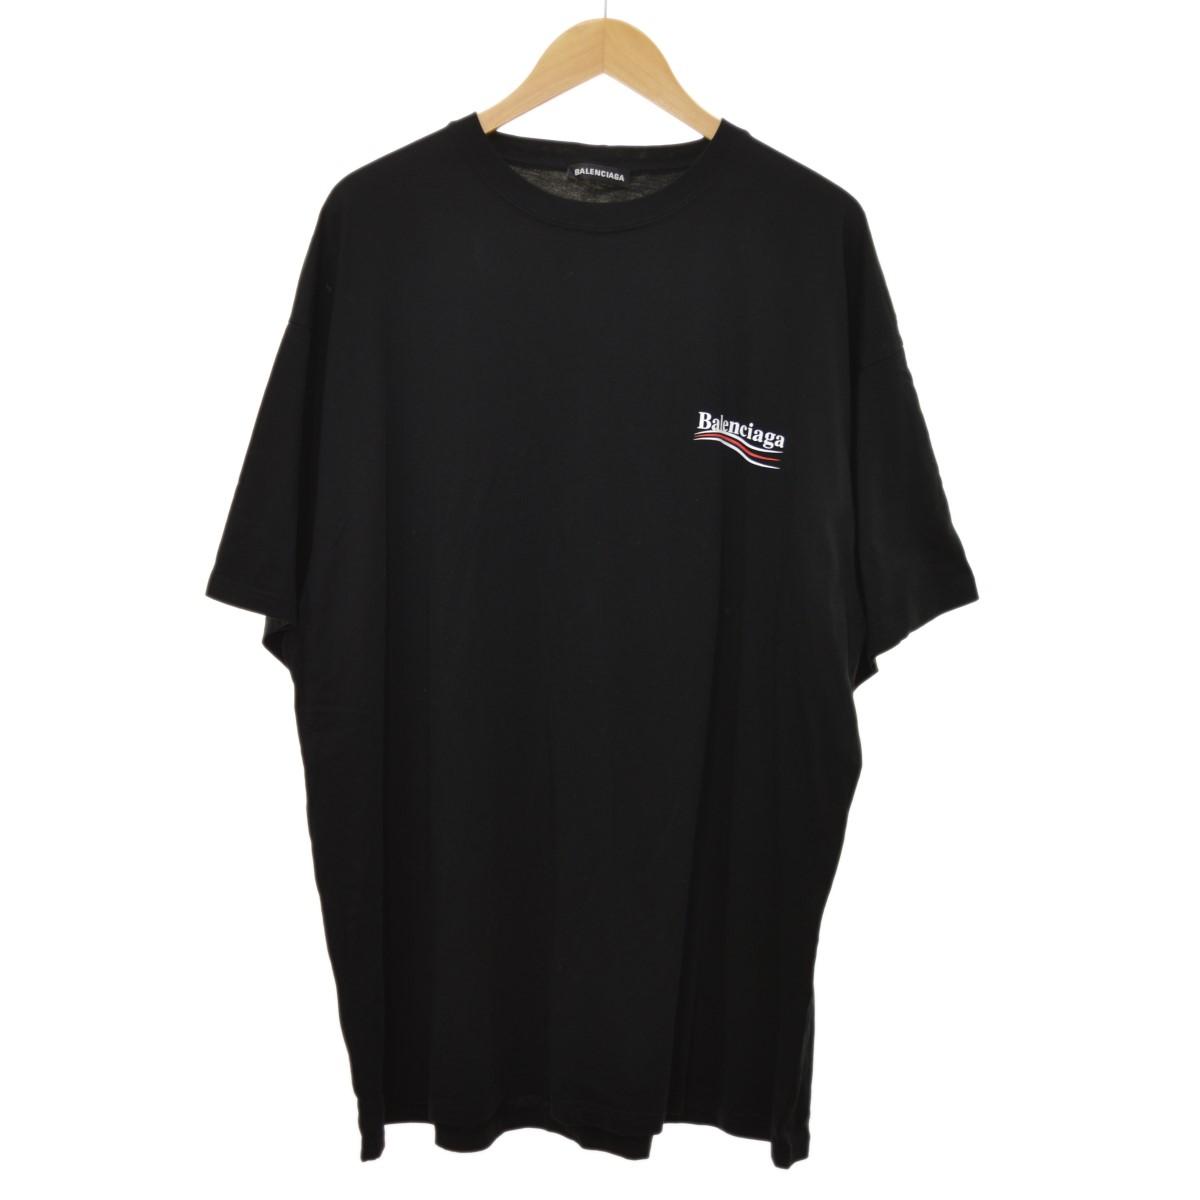 【中古】BALENCIAGA 19SS キャンペーンロゴ Tシャツ ブラック サイズ:XXL 【240420】(バレンシアガ)